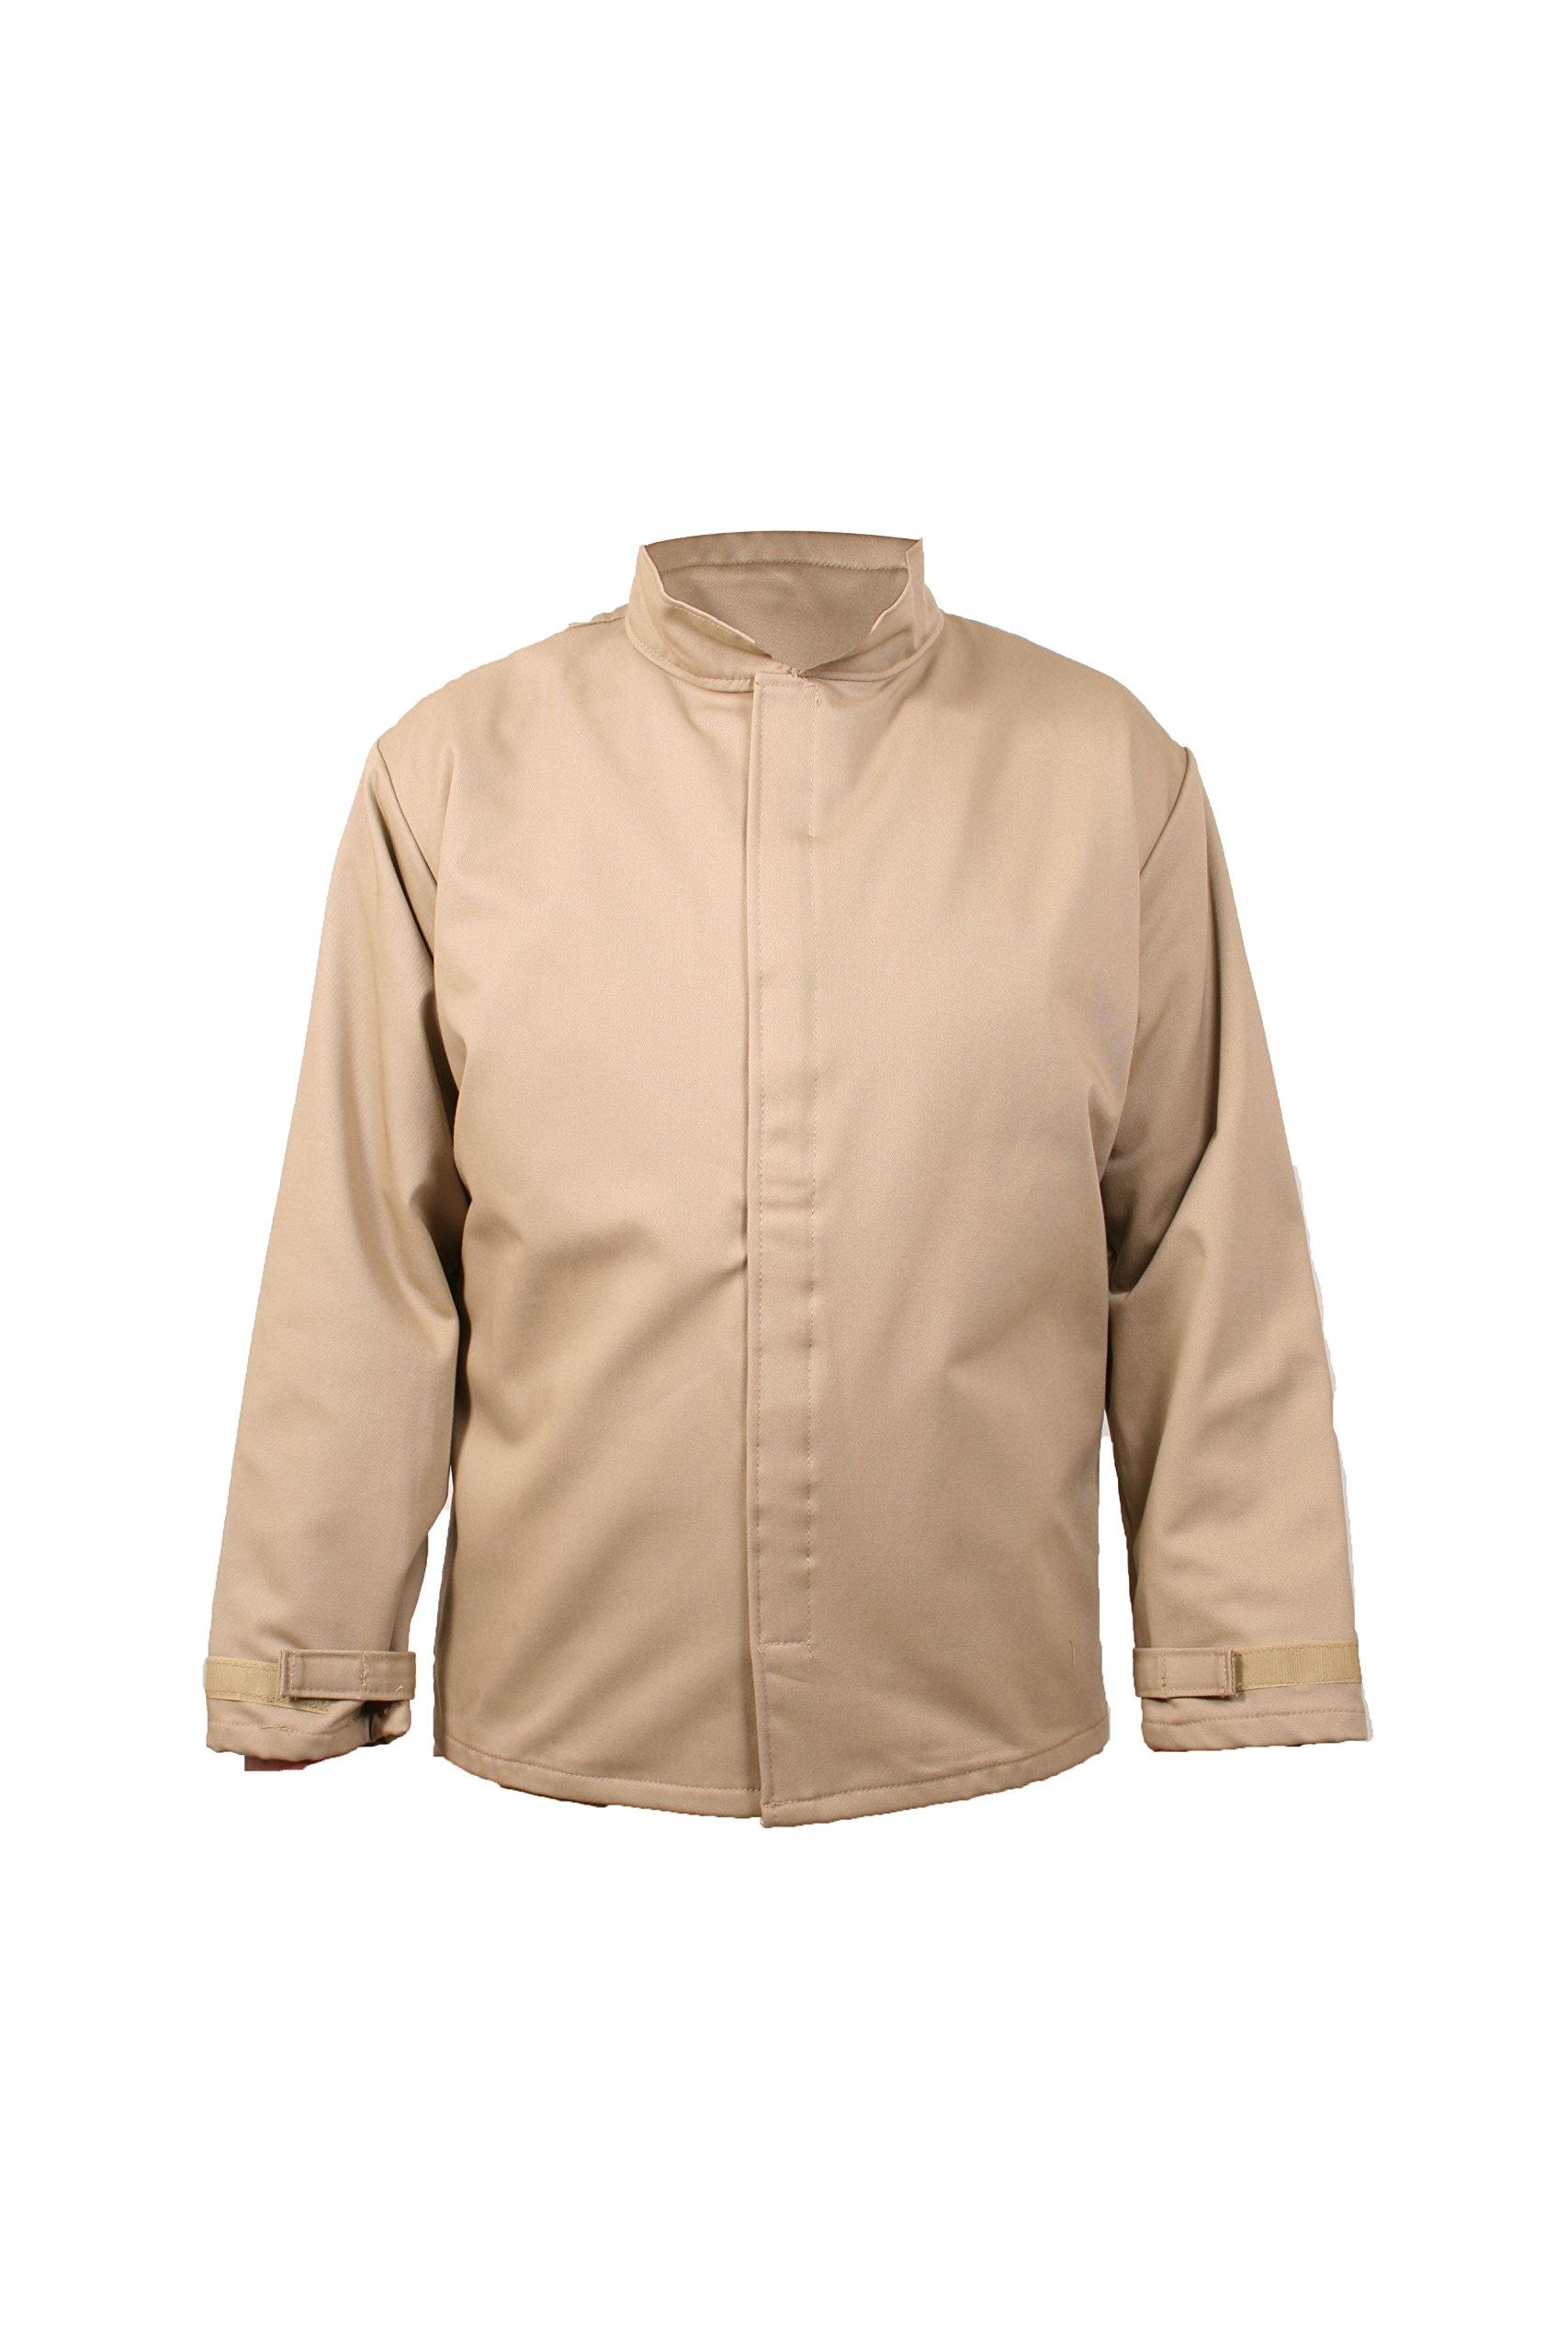 National Safety Apparel C07HKHKECXL32 ArcGuard Economy Arc Flash Short Coat, X-Large, Khaki